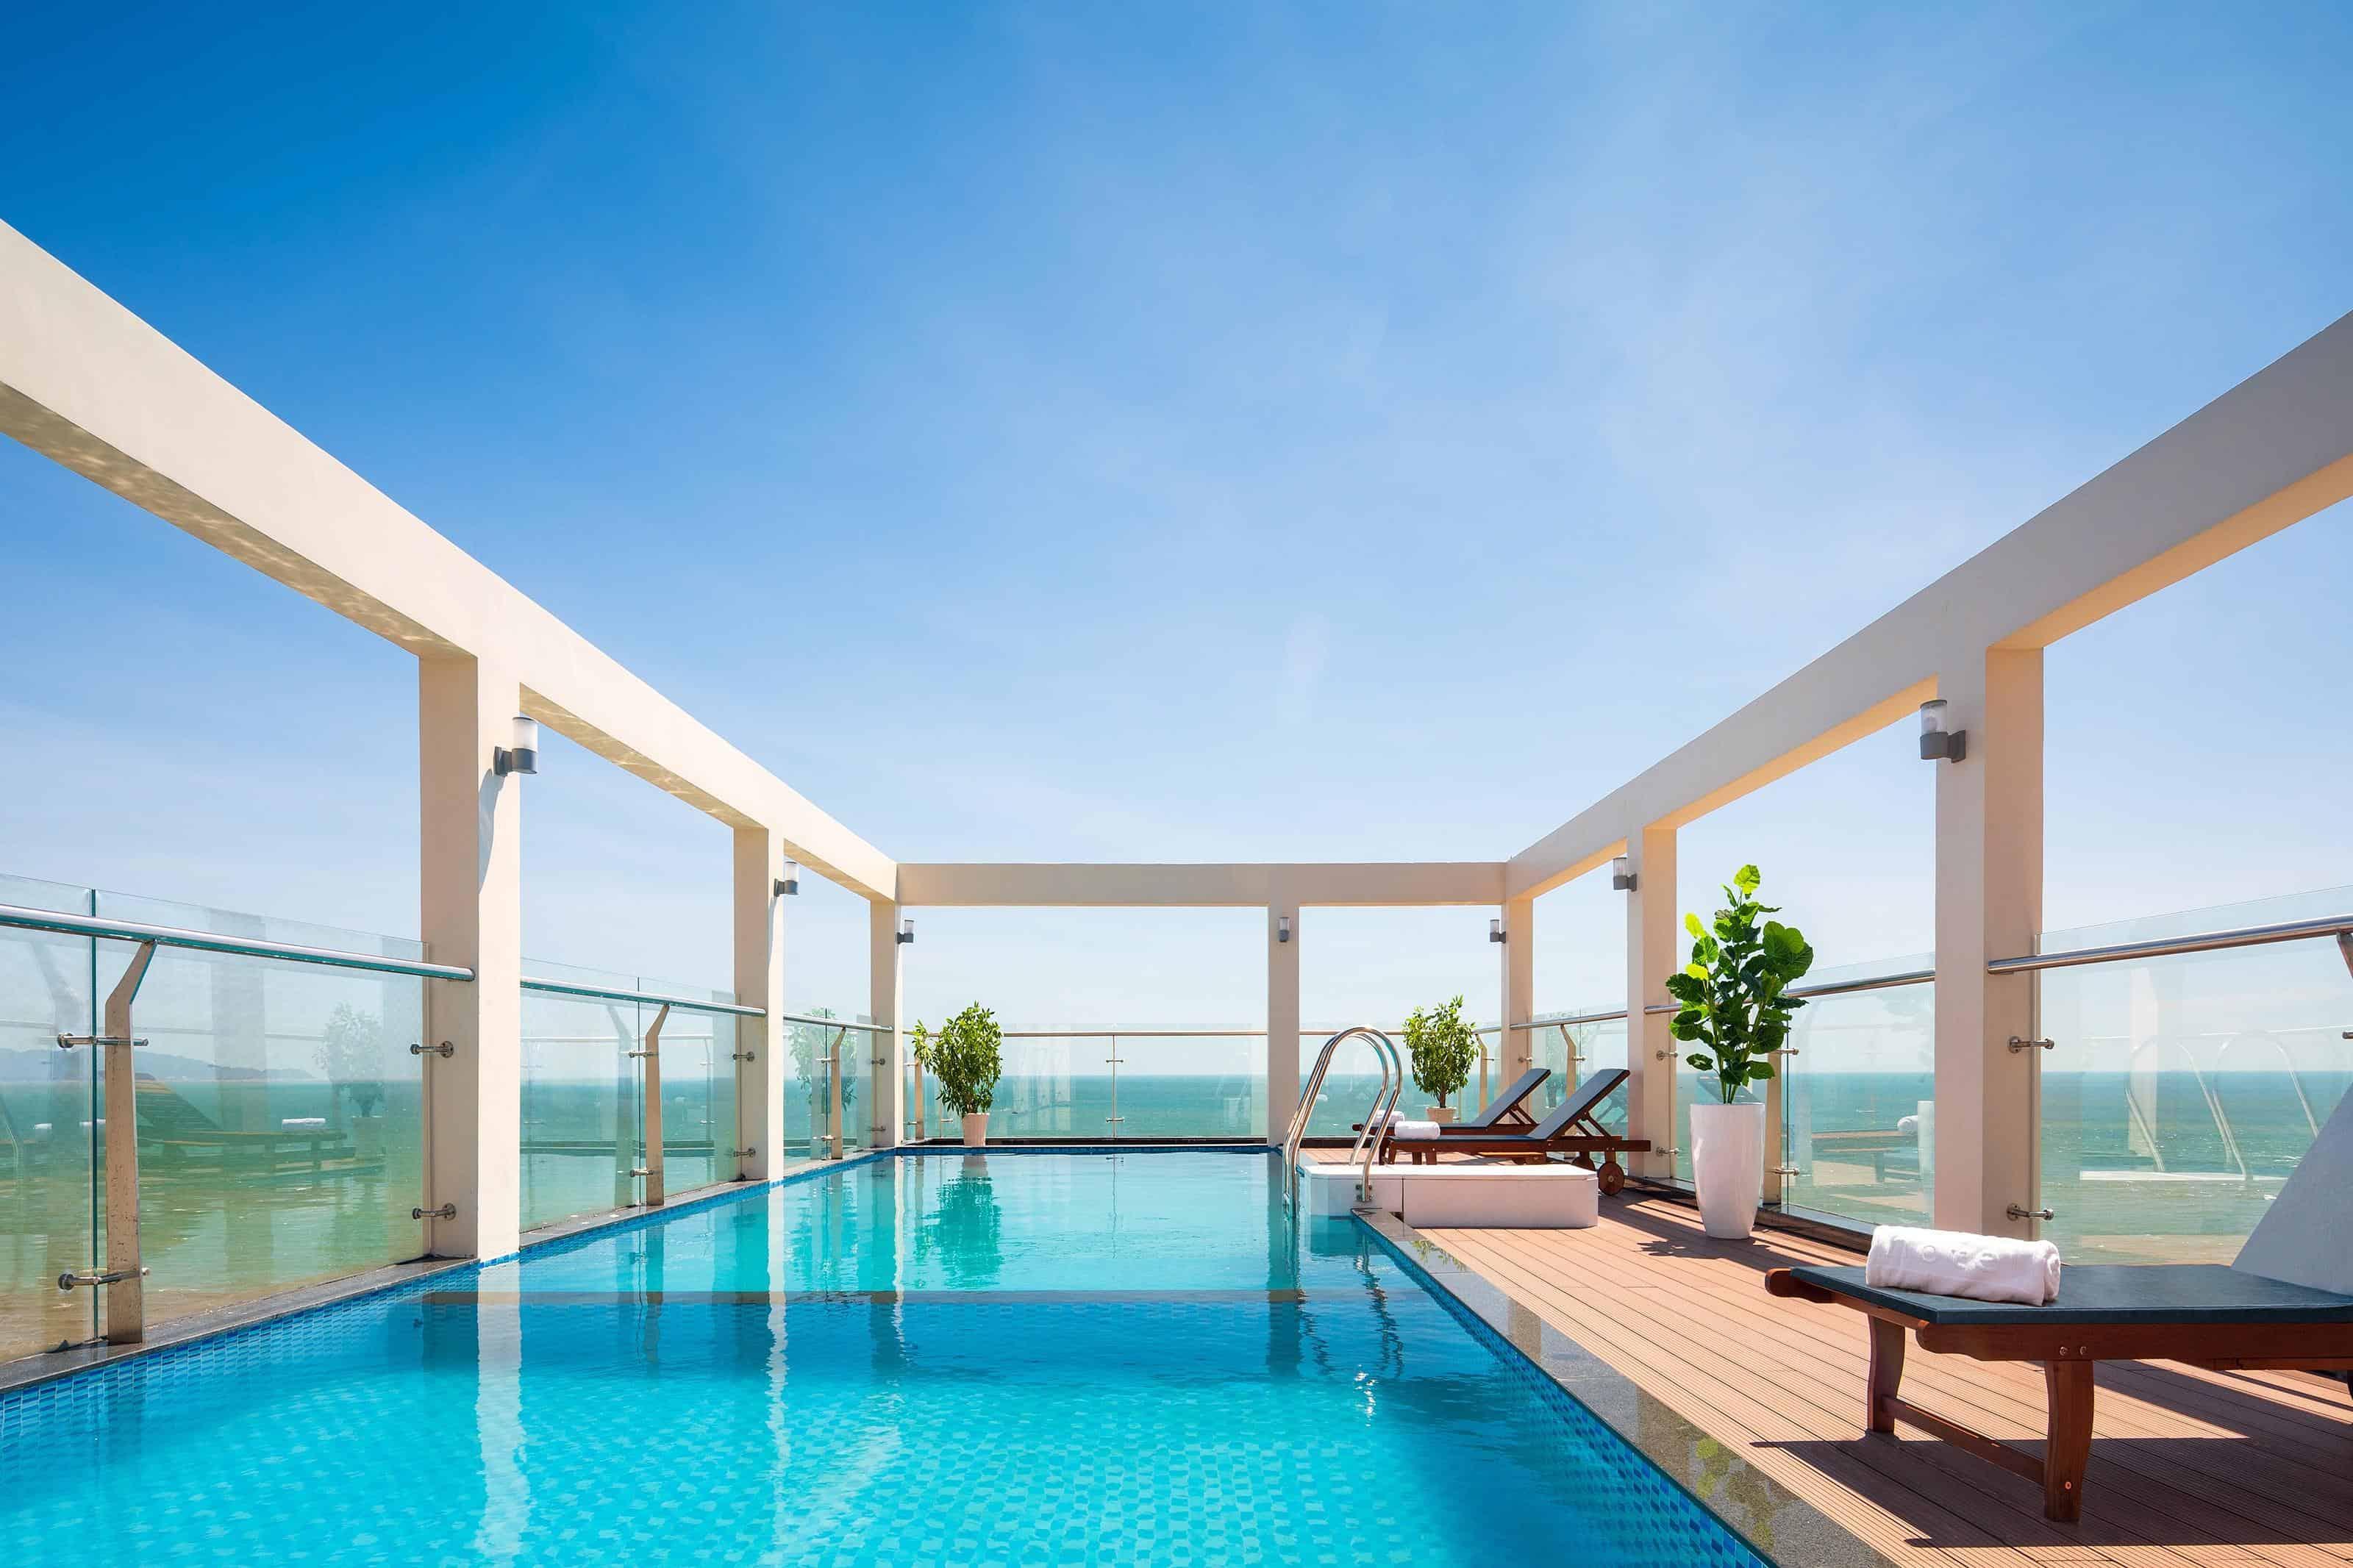 Khách sạn Corvin Vũng Tàu có bể bơi riêng